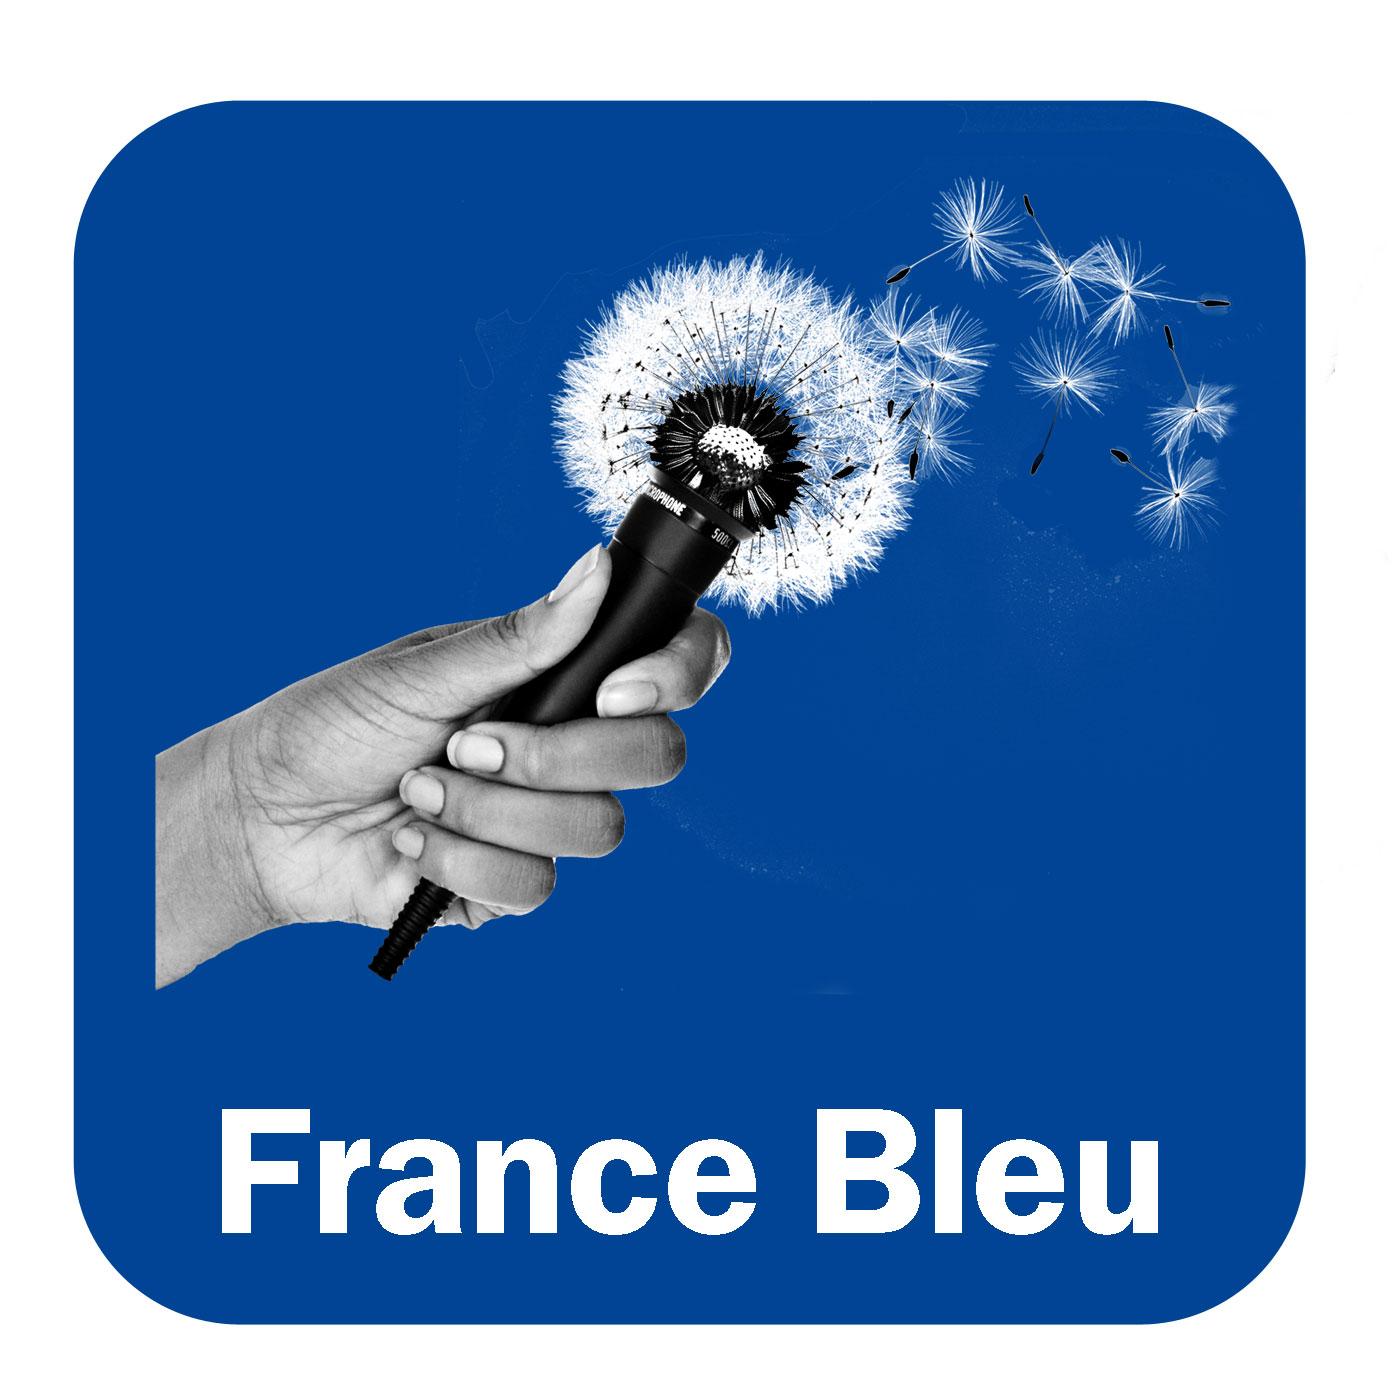 La Flore Alpine France Bleu Pays de Savoie